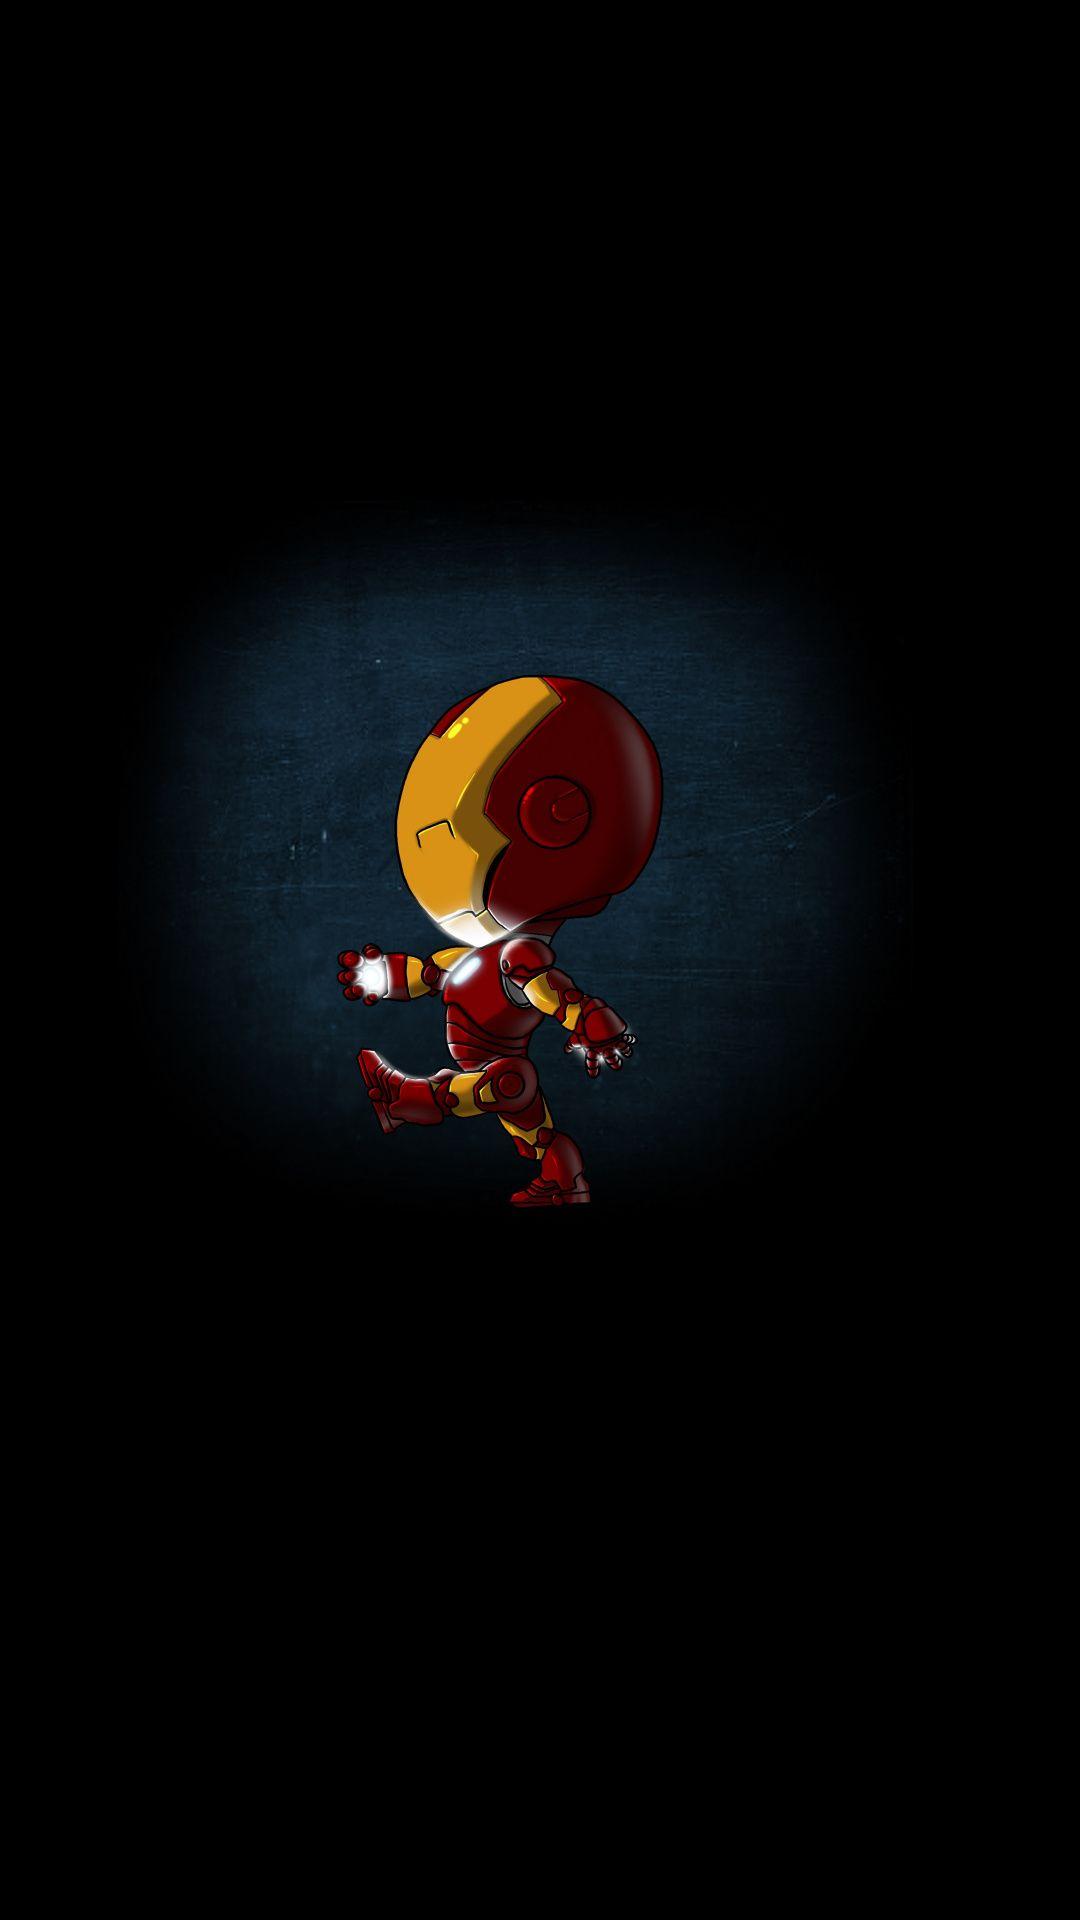 Mini Iron Man Superhero Artwork Wallpaper Iron Man Wallpaper Iron Man Artwork Mini Iron